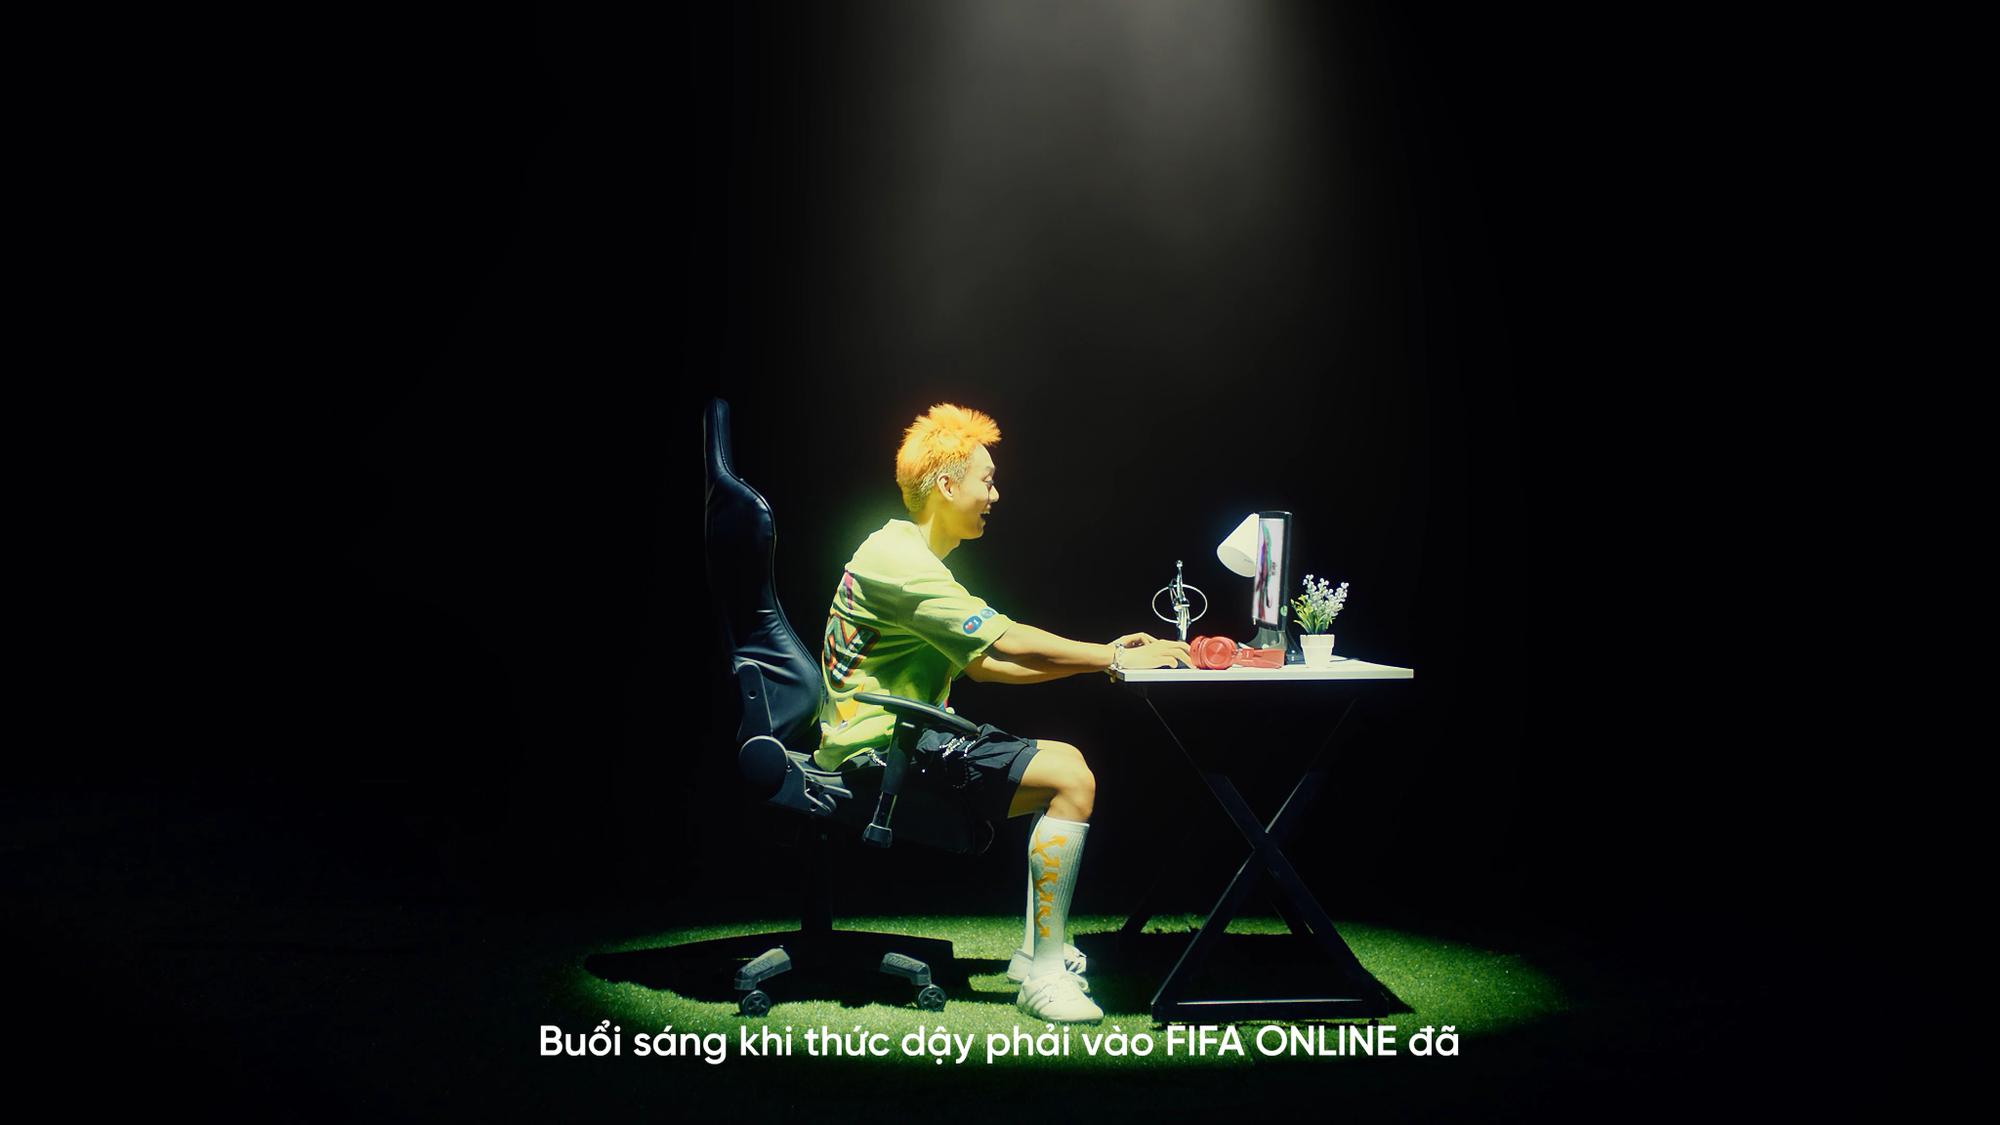 """""""Thánh chế"""" Nhật Anh Trắng mách bạn cách trả lời thật thuyết phục khi bị hỏi Sao lại mê bóng đá?"""" - Ảnh 5."""